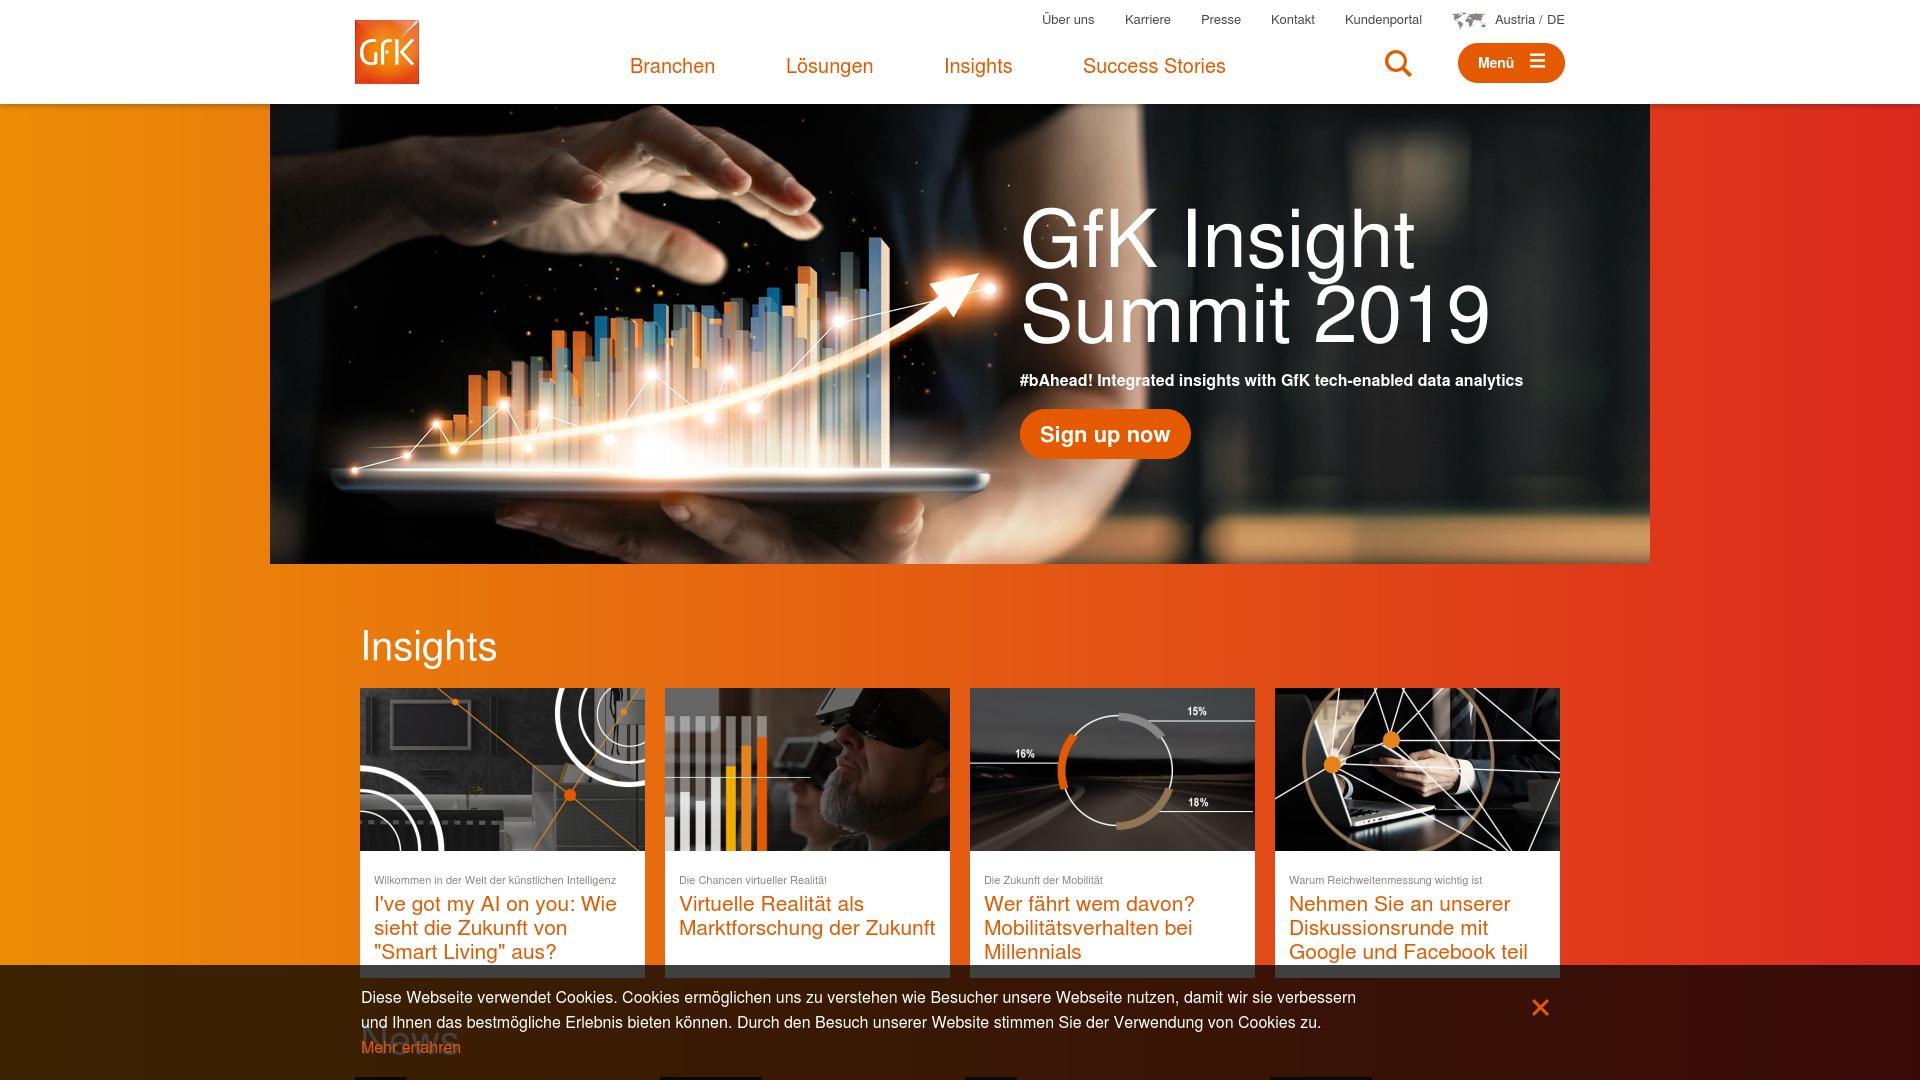 Gutschein für Gfk: Rabatte für  Gfk sichern